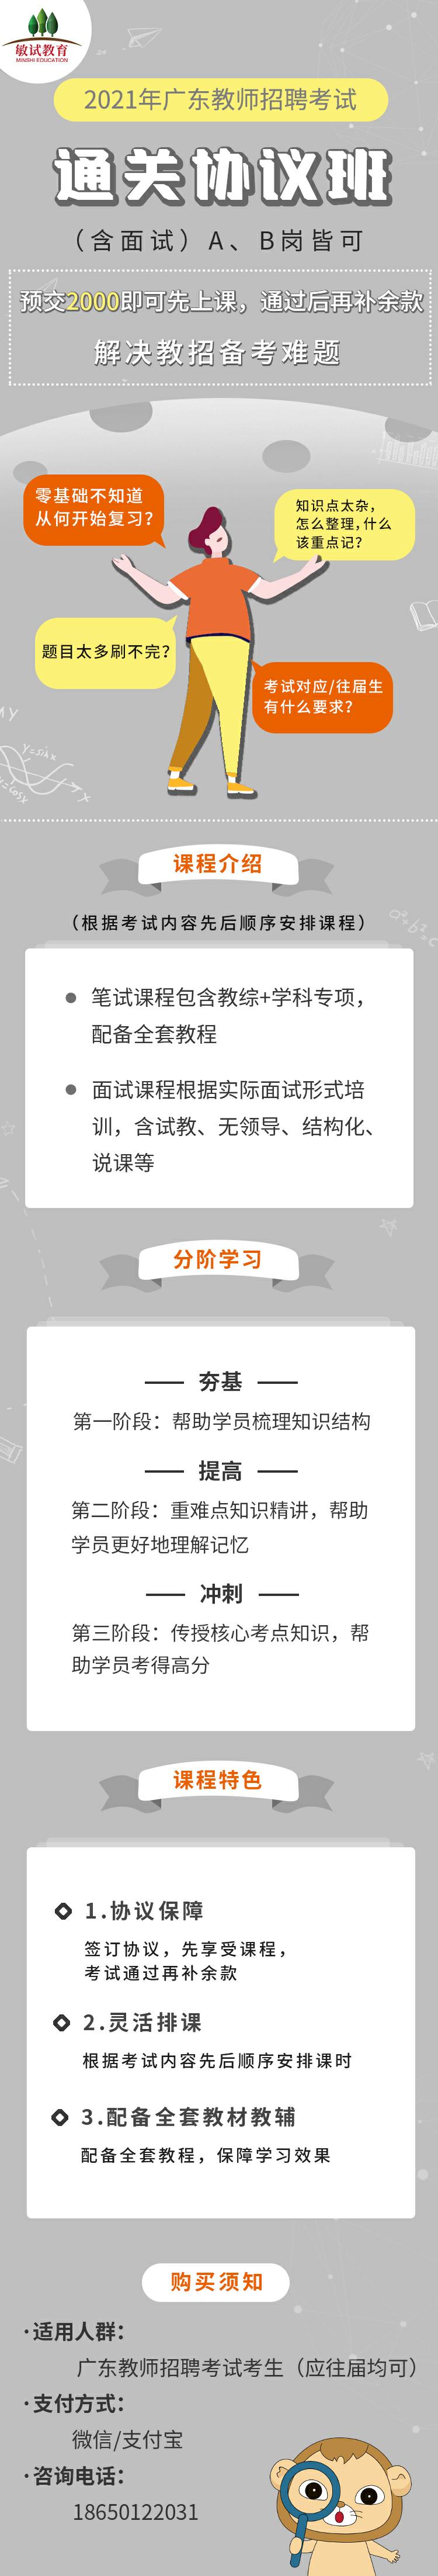 2021广东教师招聘培训:中小学笔试通关协议班(A、B岗)